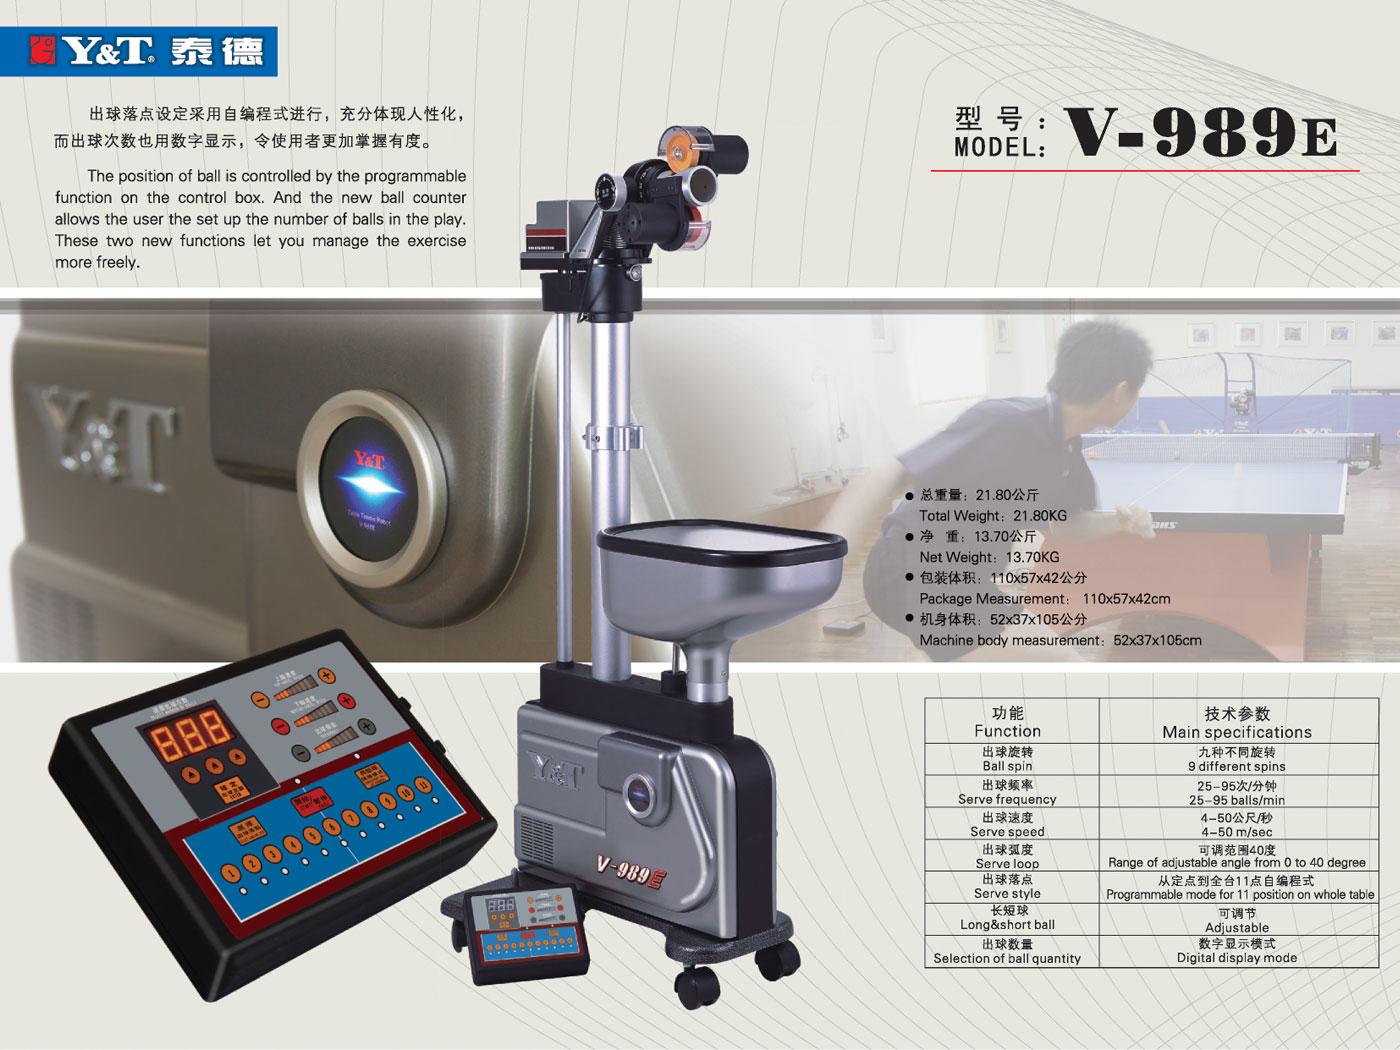 正品Y&T泰德乒乓球发球机V989E 落地式自动发球器